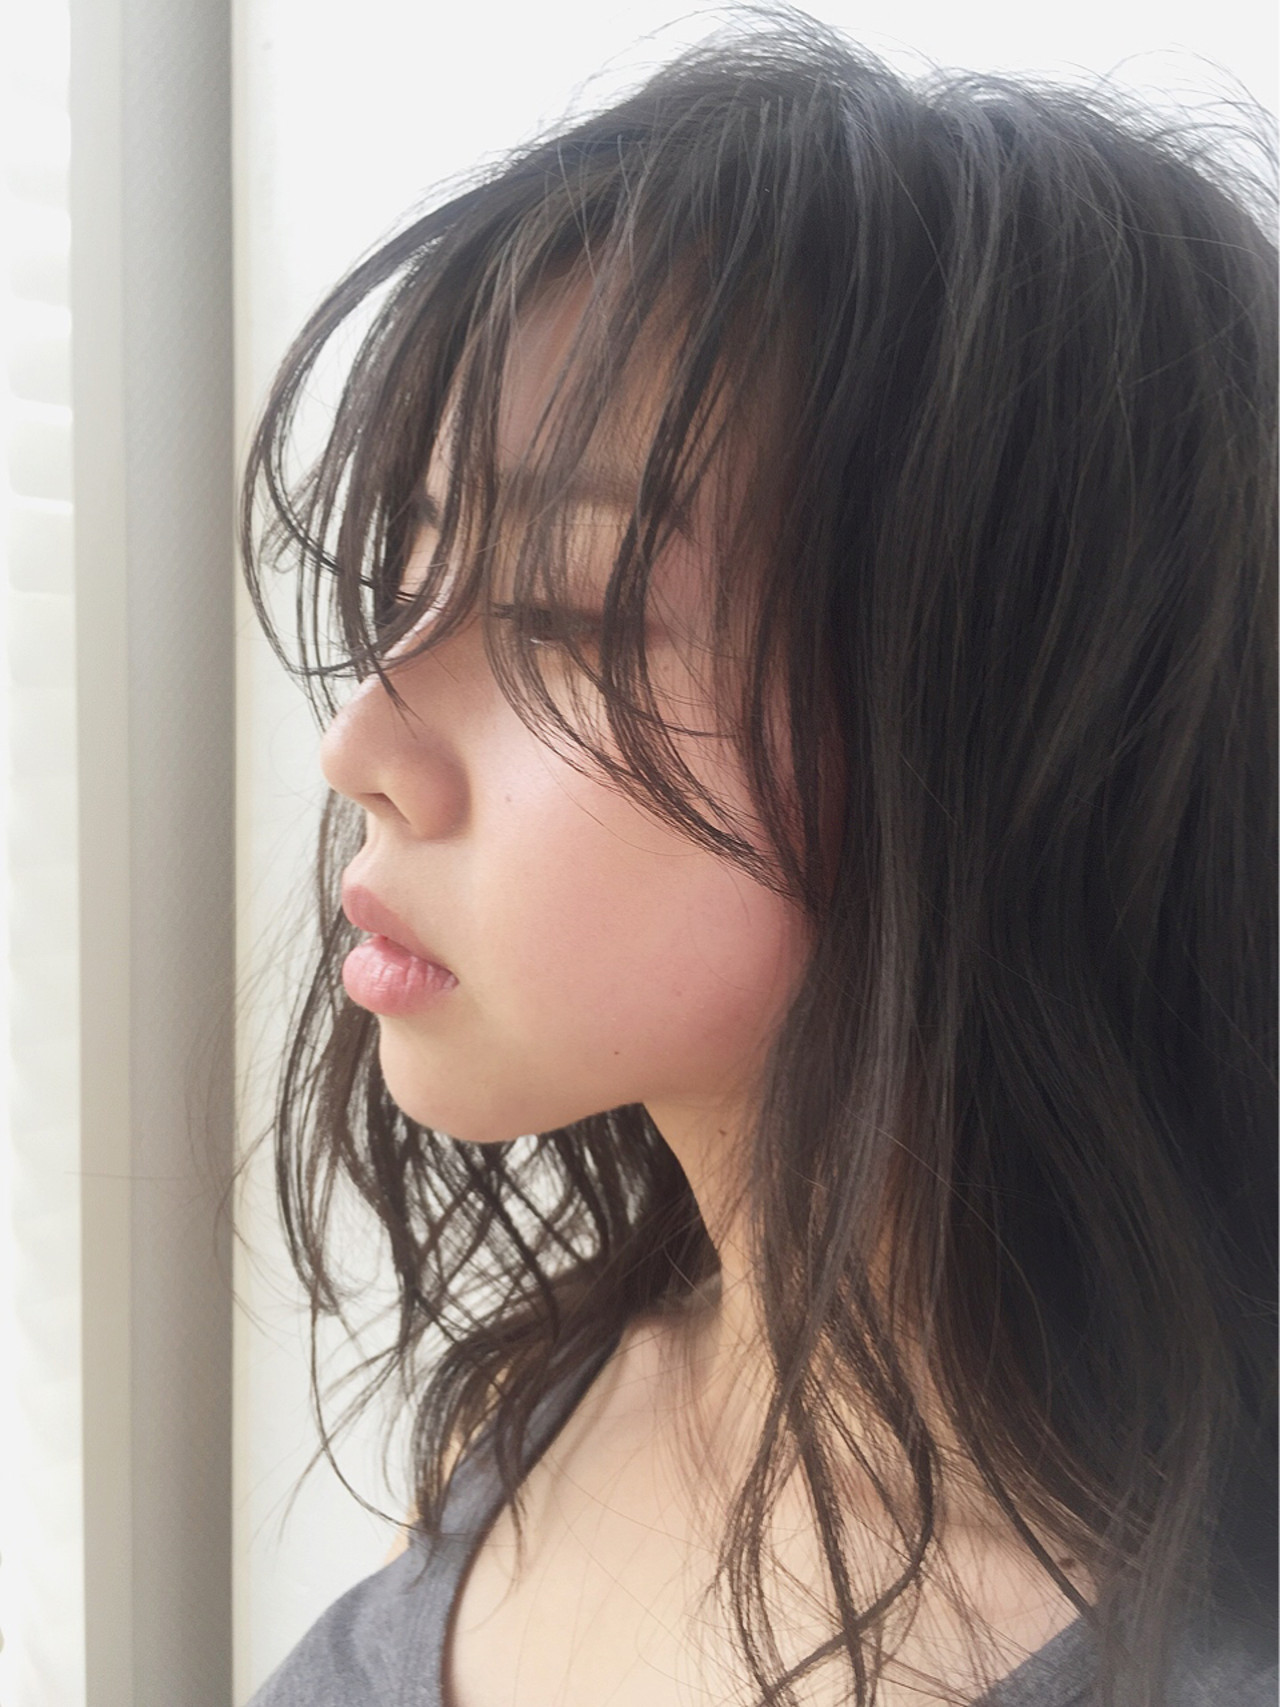 うざバングでおフェロに asako.yamauchi